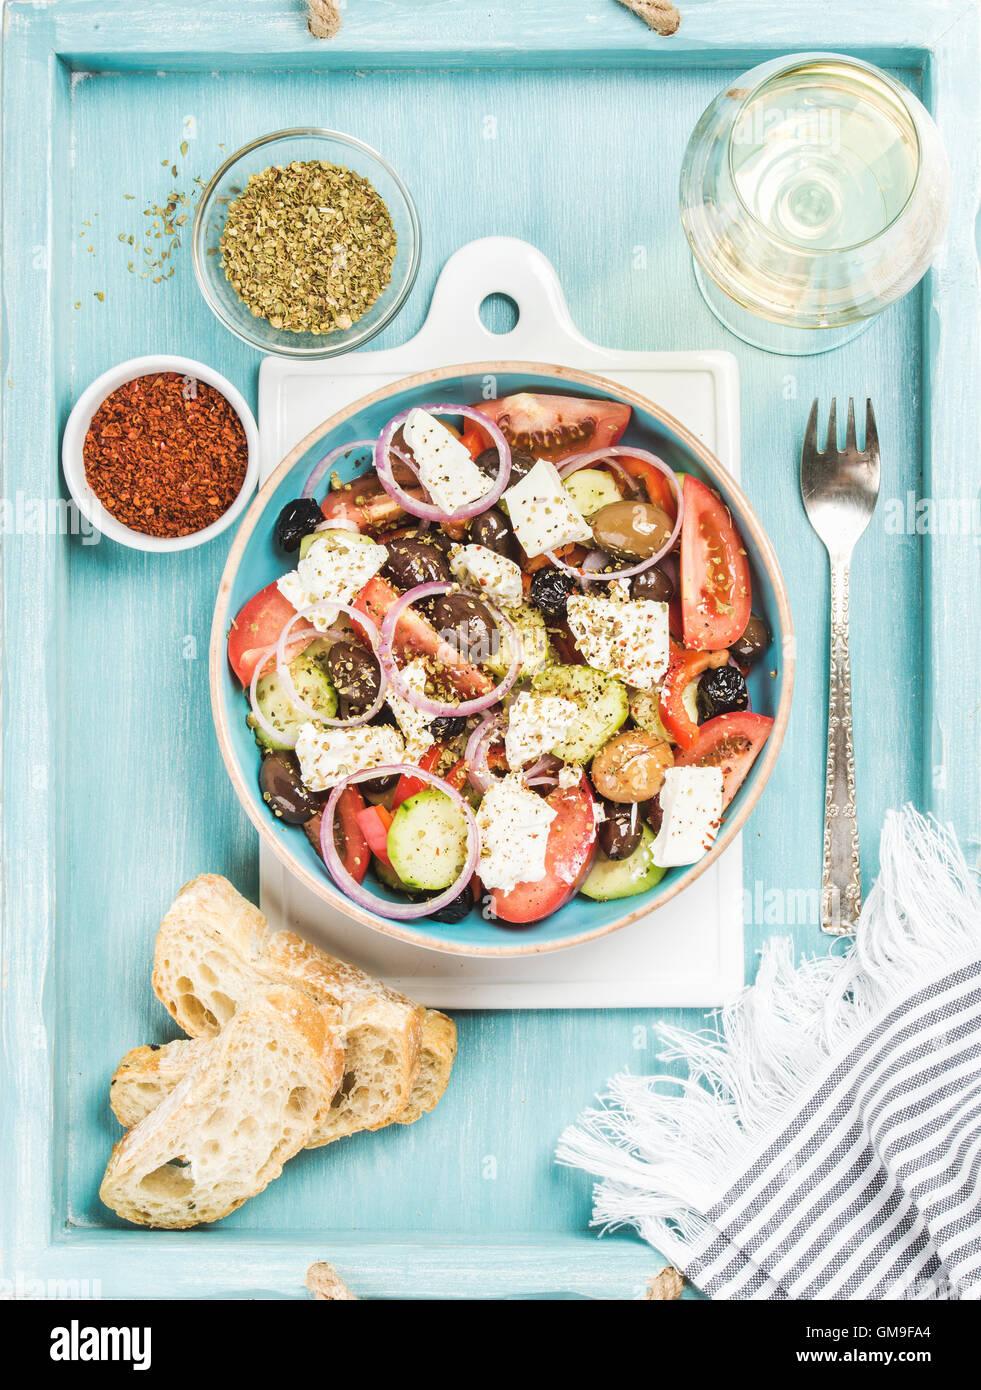 Salade grecque avec du pain, de l'origan, le poivre et un verre de vin Photo Stock